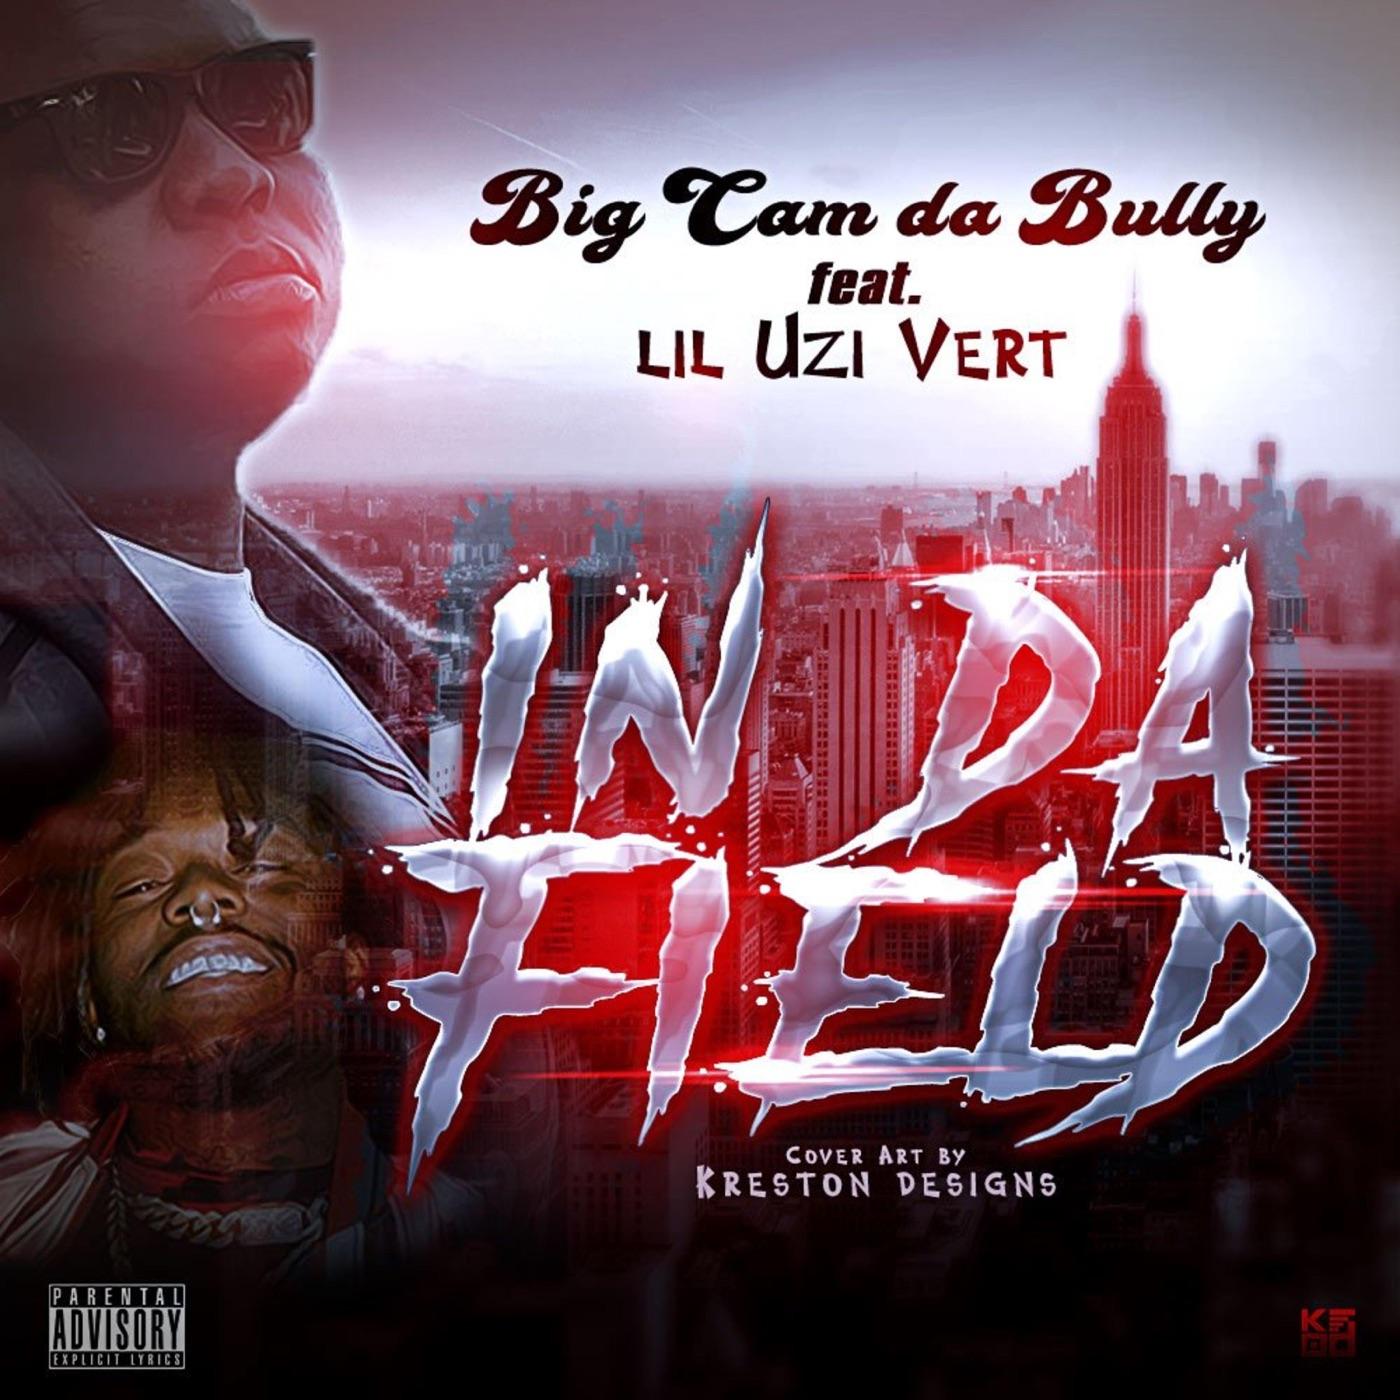 Big Cam Da Bully - In Da Field (feat. Lil Uzi Vert) - Single Cover